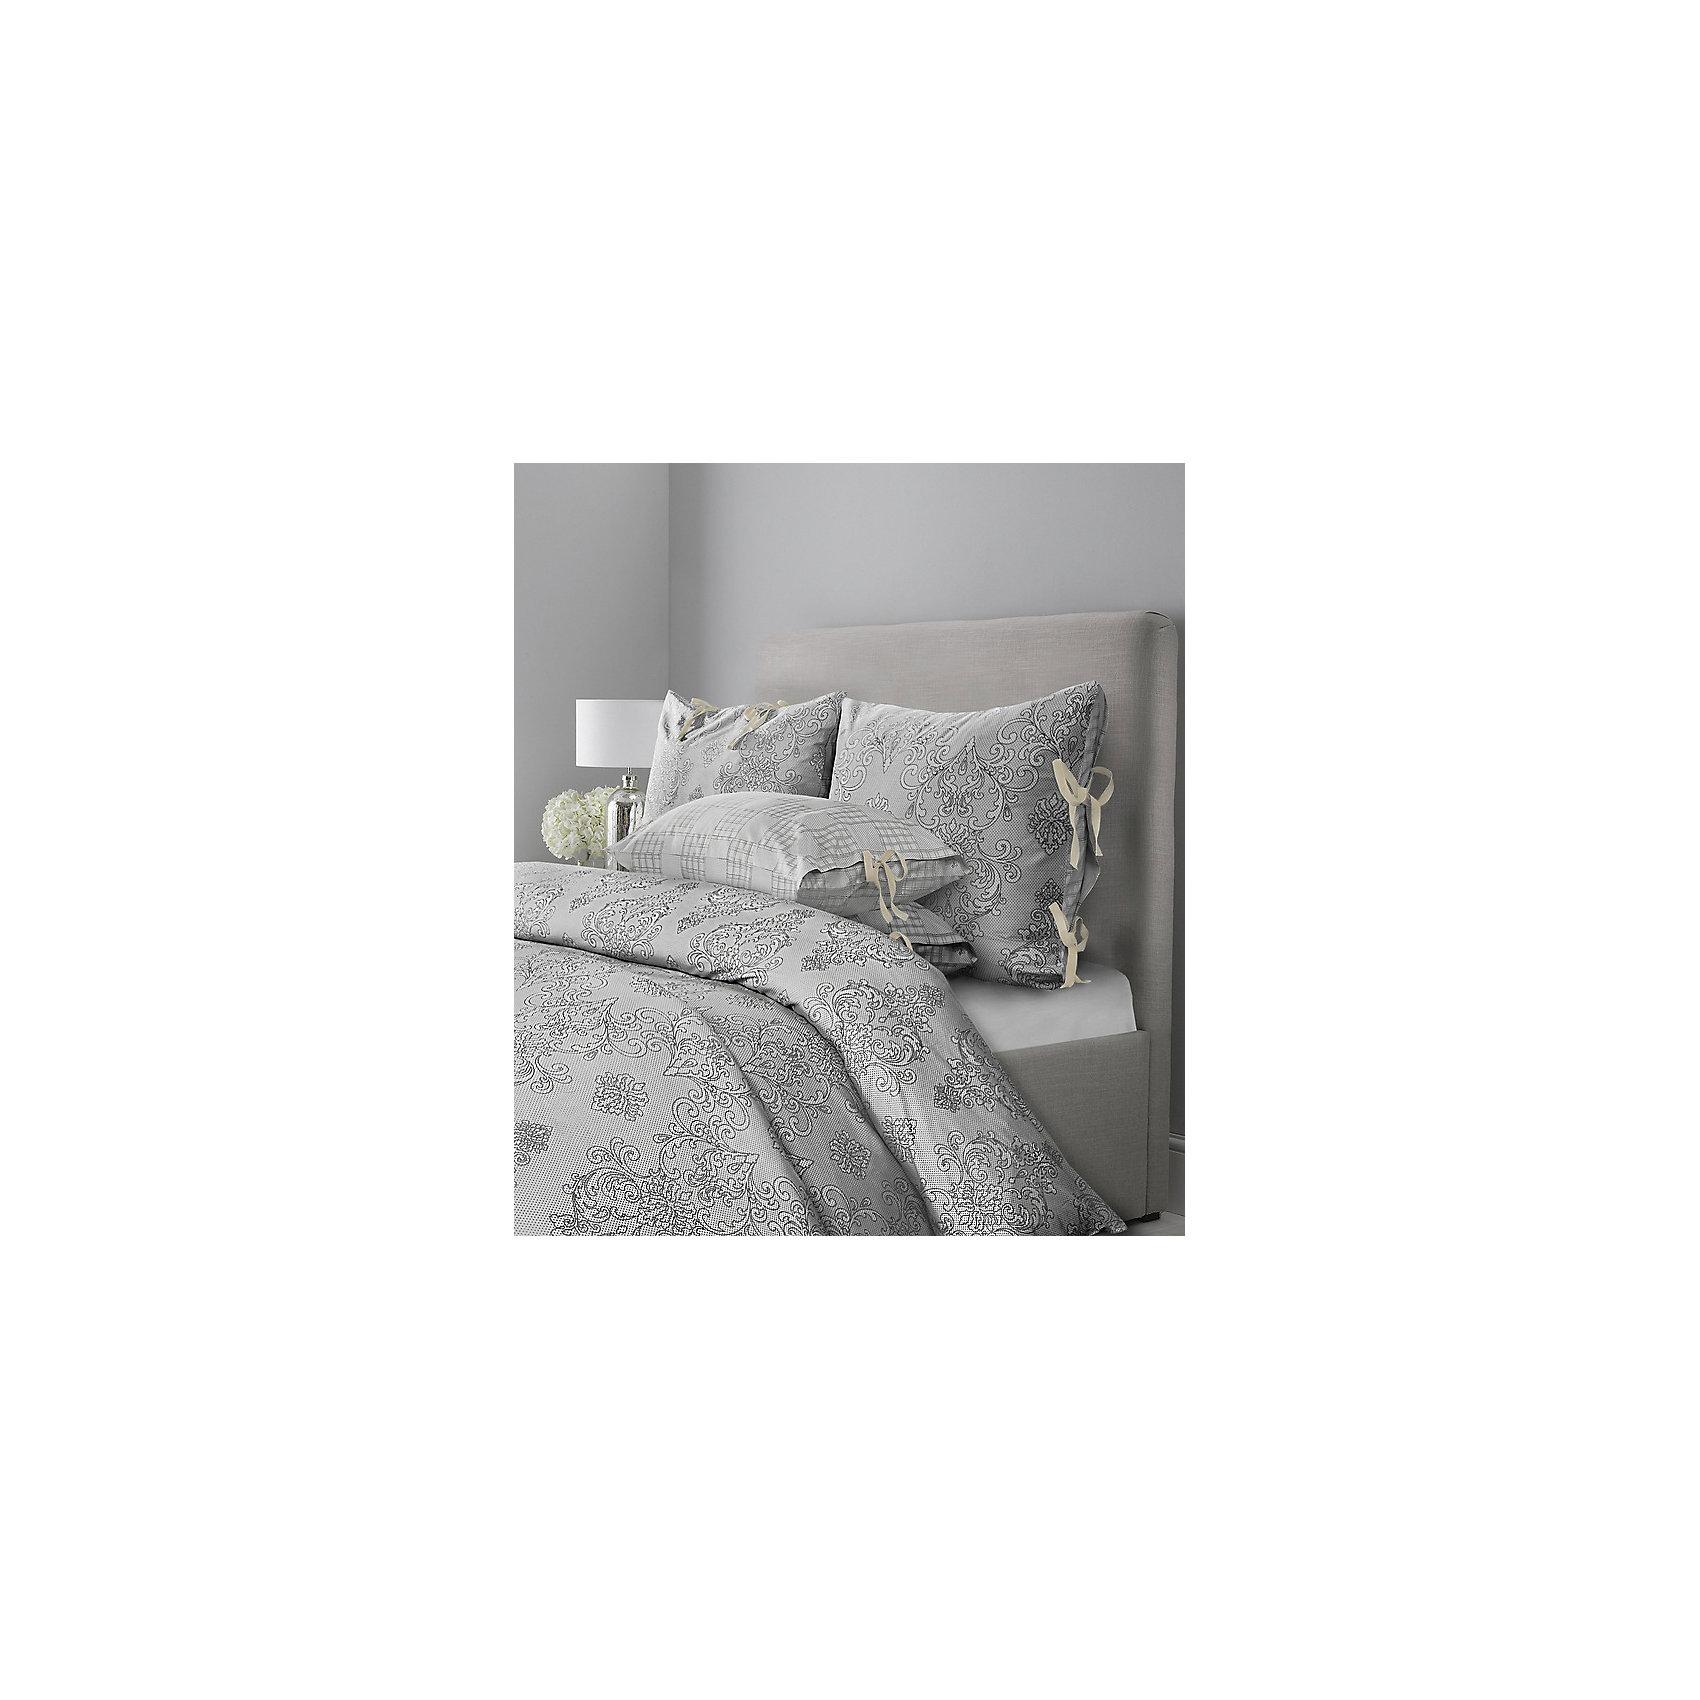 Постельное белье SL Chalet, 2-спальный, 70*70 50х70 сатин, Mona Liza, бархатный серыйДомашний текстиль<br>Характеристики:<br><br>• Вид домашнего текстиля: постельное белье<br>• Тип постельного белья по размерам: 2сп<br>• Серия: Chalet by Serg Look<br>• Сезон: круглый год<br>• Материал: сатин <br>• Цвет: серый<br>• Комплектация: <br> пододеяльник – 1 шт. 175*210 см <br> простынь – 1 шт. 215*240 см<br> наволочки – 4 шт. (2 шт. 70*70 см и 2 шт. 50*70 см)<br>• Тип упаковки: книжка <br>• Вес в упаковке: 2 кг 900 г<br>• Особенности ухода: машинная стирка при температуре 30 градусов<br><br>Постельное белье 2сп SL Chalet 70*70 50х70 сатин, Mona Liza, бархатный серый изготовлено под отечественным торговым брендом, выпускающим постельное белье из натуральных тканей. Комплект выполнен из сатина, обладающего особой мягкостью, шелковистостью поверхности, хорошими износоустойчивыми свойствами. Изделия из сатина очень долгое время сохраняютформу и фактуру даже при частых стирках. Комплектсостоит из 6-ти предметов: простыни, пододеяльника и четырех наволочек. Комплект выполнен в стильном дизайне с нежным ажурным рисунком.<br>Постельное белье 2сп SL Chalet 70*70 50х70 сатин, Mona Liza, бархатный серый – домашний текстиль, соответствующий международным стандартам качества и безопасности!<br><br>Постельное белье 2сп SL Chalet 70*70 50х70 сатин, Mona Liza, бархатный серый можно купить в нашем интернет-магазине.<br><br>Ширина мм: 290<br>Глубина мм: 80<br>Высота мм: 370<br>Вес г: 2700<br>Возраст от месяцев: 84<br>Возраст до месяцев: 1188<br>Пол: Унисекс<br>Возраст: Детский<br>SKU: 5165669